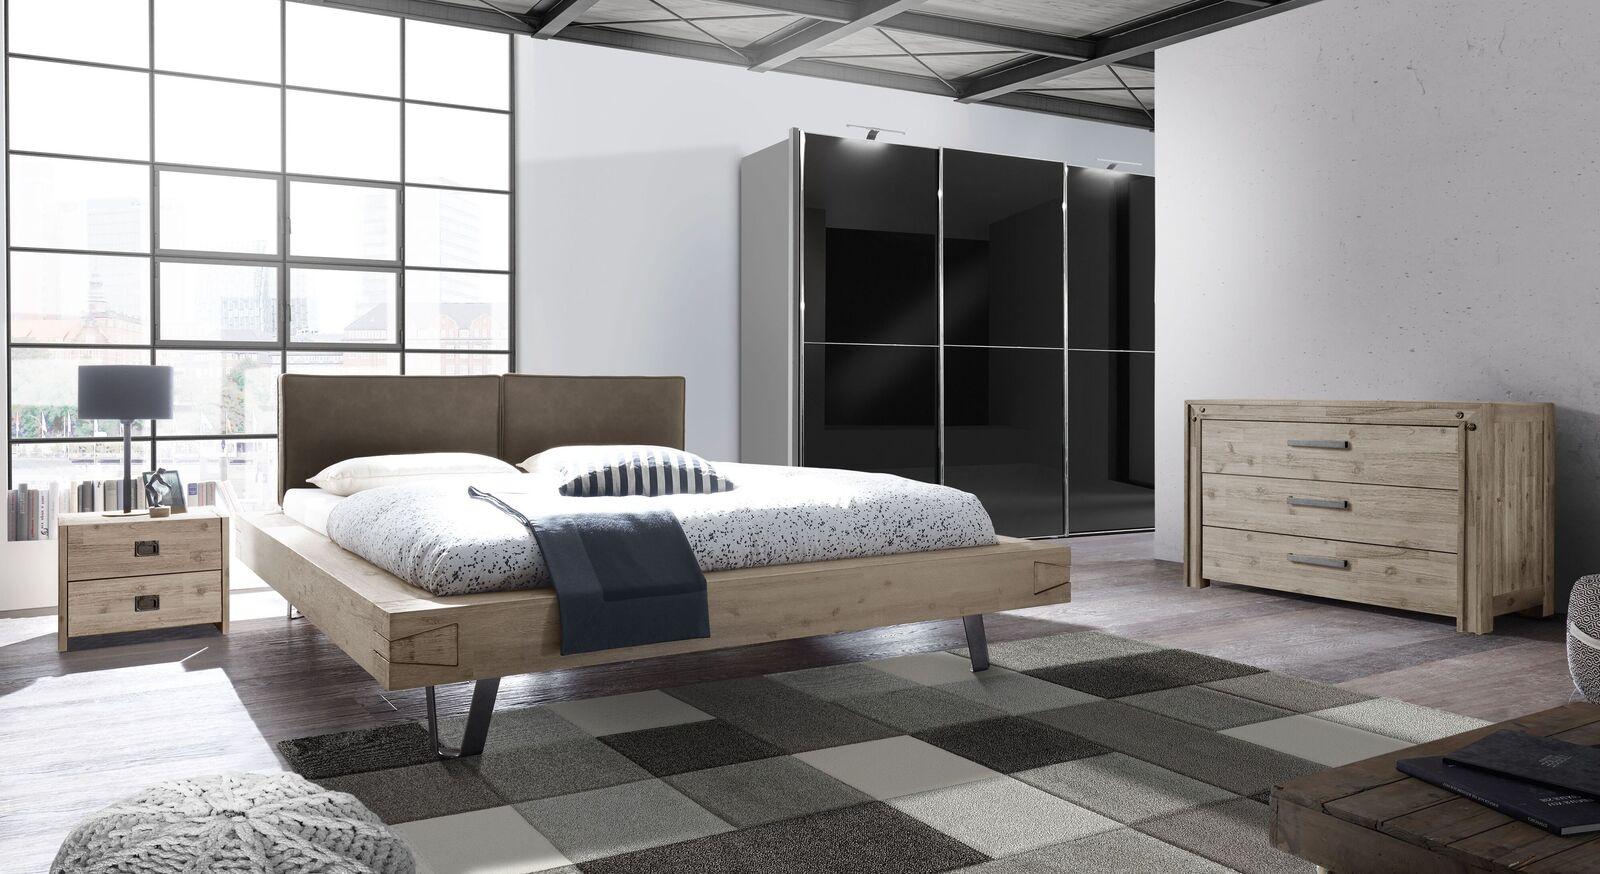 Bett Jaronia mit passender Schlafzimmereinrichtung